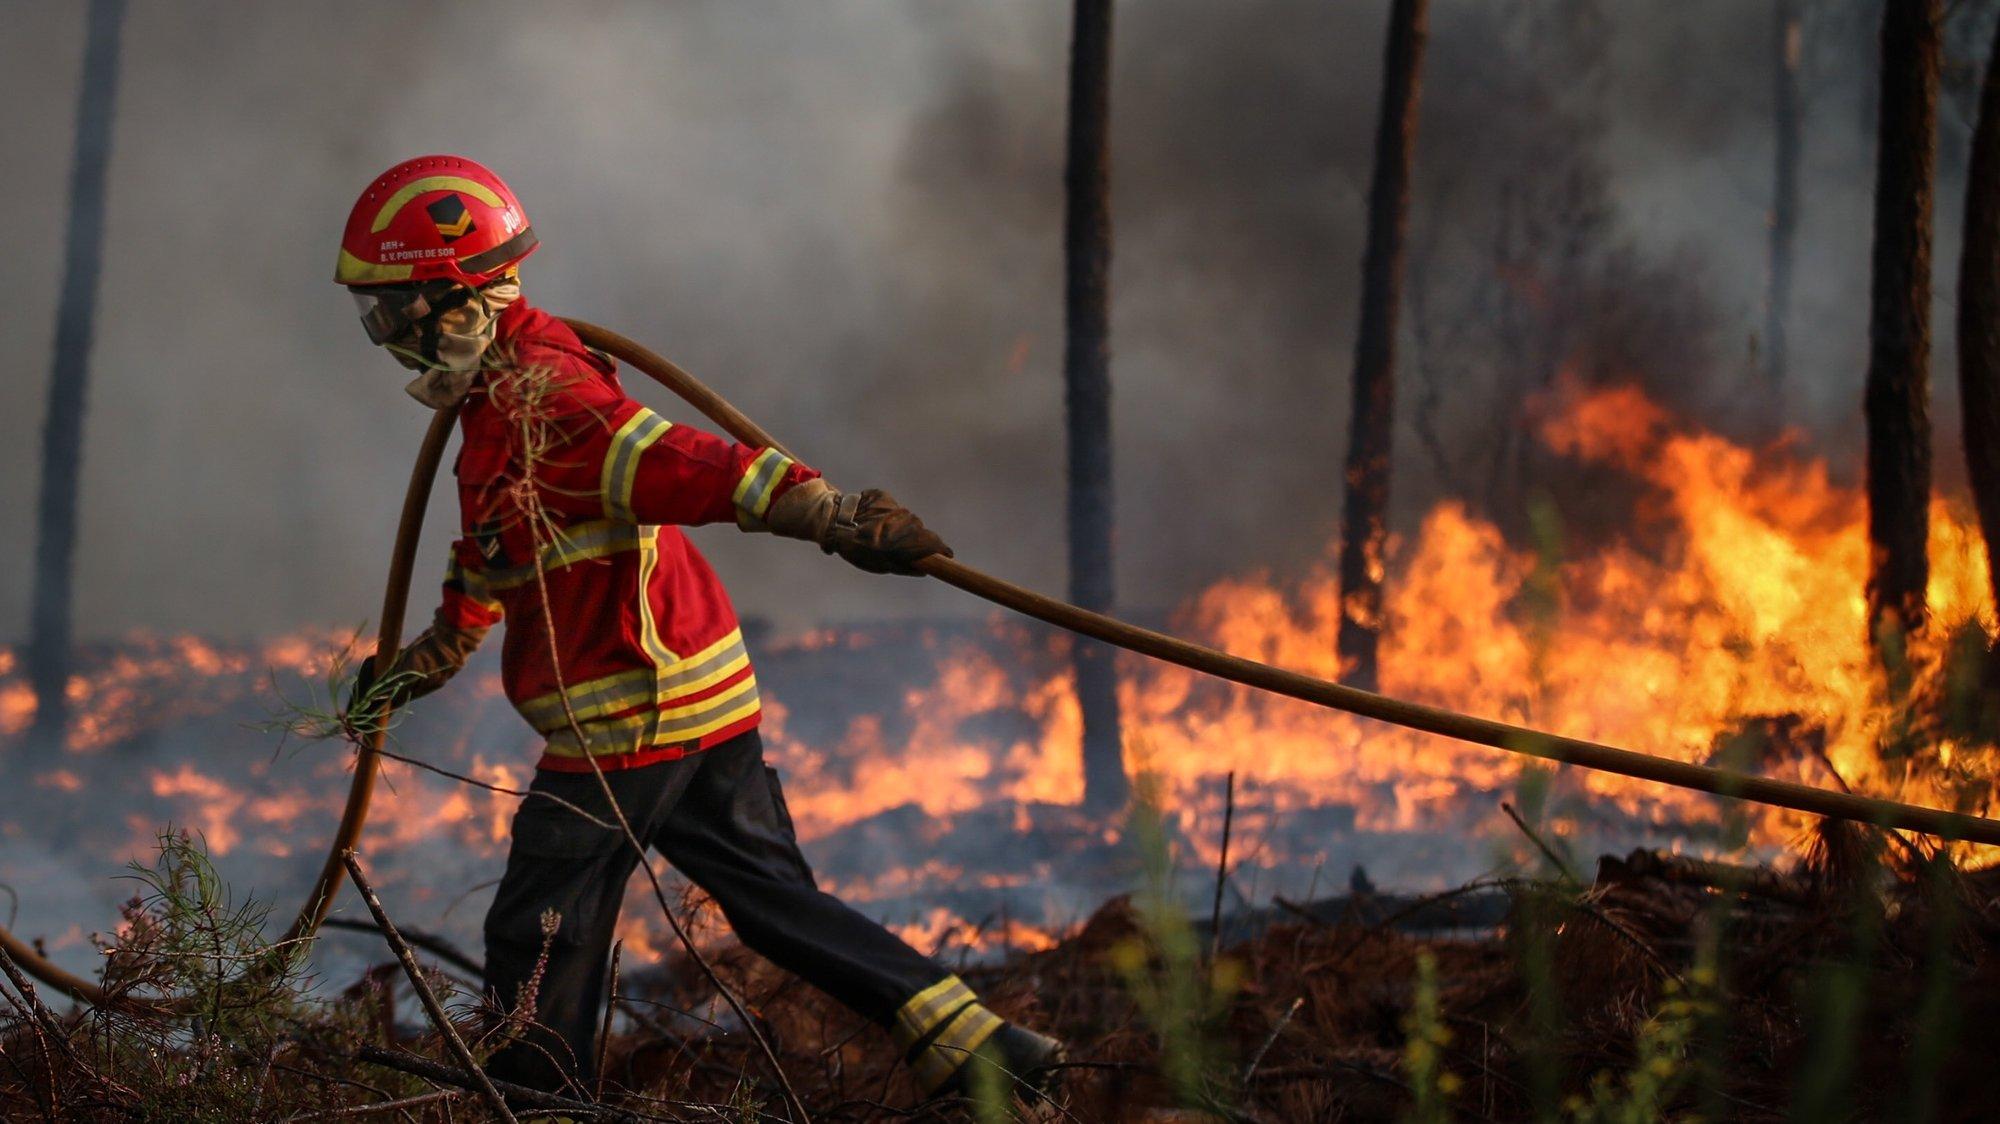 Um bombeiro durante o combate a um incêndio que lavra em Oleiros, Castelo Branco, 14 de setembro de 2020. O incêndio que deflagrou em Proença-a-Nova no domingo e que lavra hoje com intensidade em Oleiros já está próximo do Rio Zêzere, afirmou hoje o presidente da Câmara. Segundo a Autoridade Nacional de Emergência e Proteção Civil estão neste momento a combater o incêndio 1041 operacionais no terreno, apoiados por 343 veículos e oito meios aéreos. PAULO CUNHA /LUSA